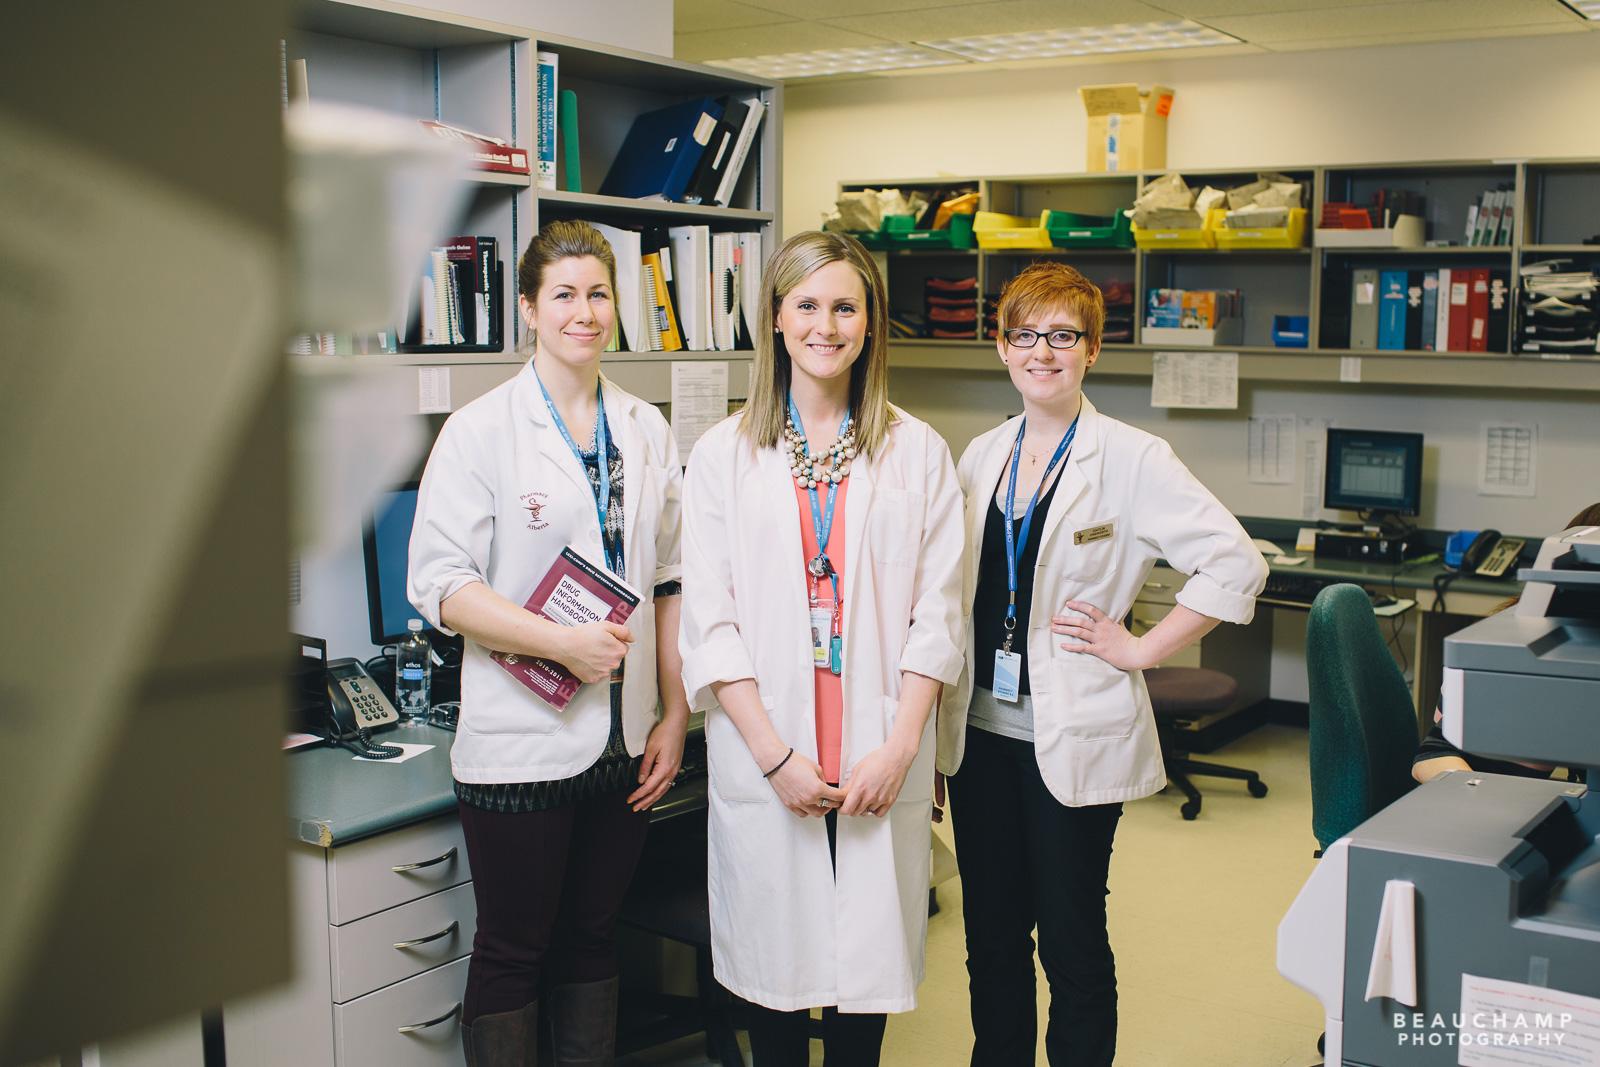 Pharmacist Portraits Feb. 2015 - for web-13